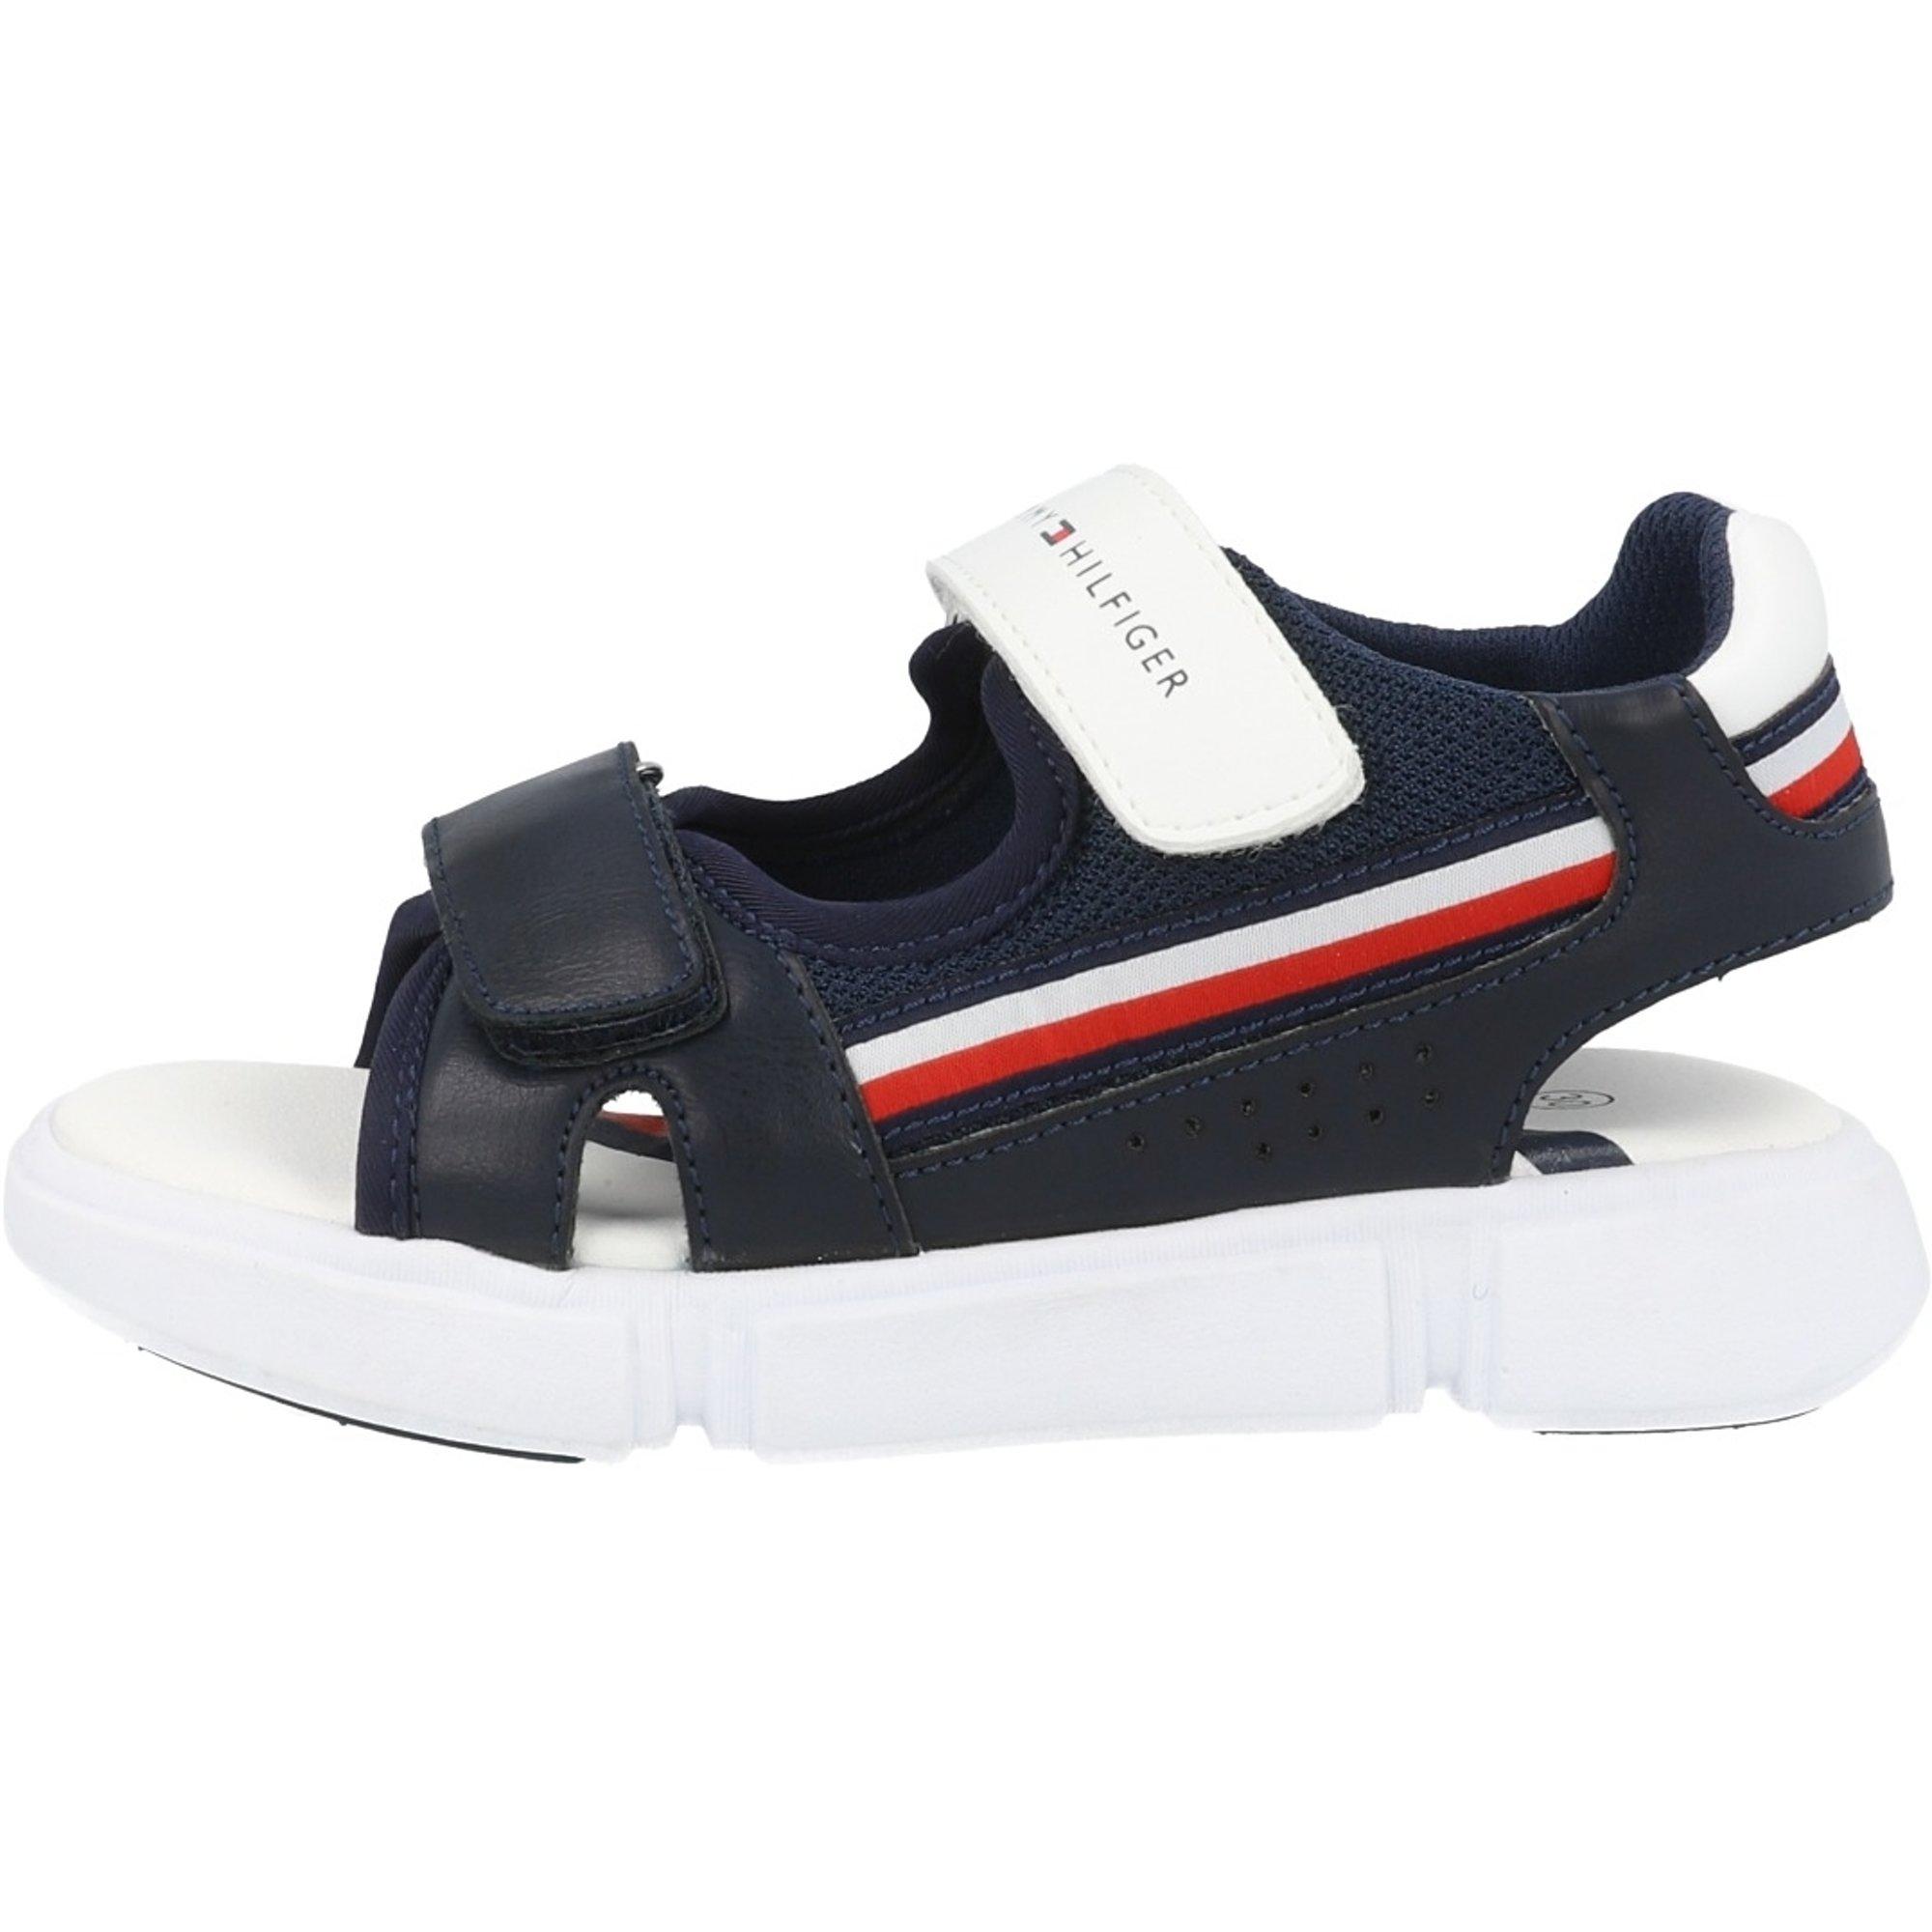 Tommy Hilfiger Slide Wei/ß Eco Leder Kinder Folien Sandalen